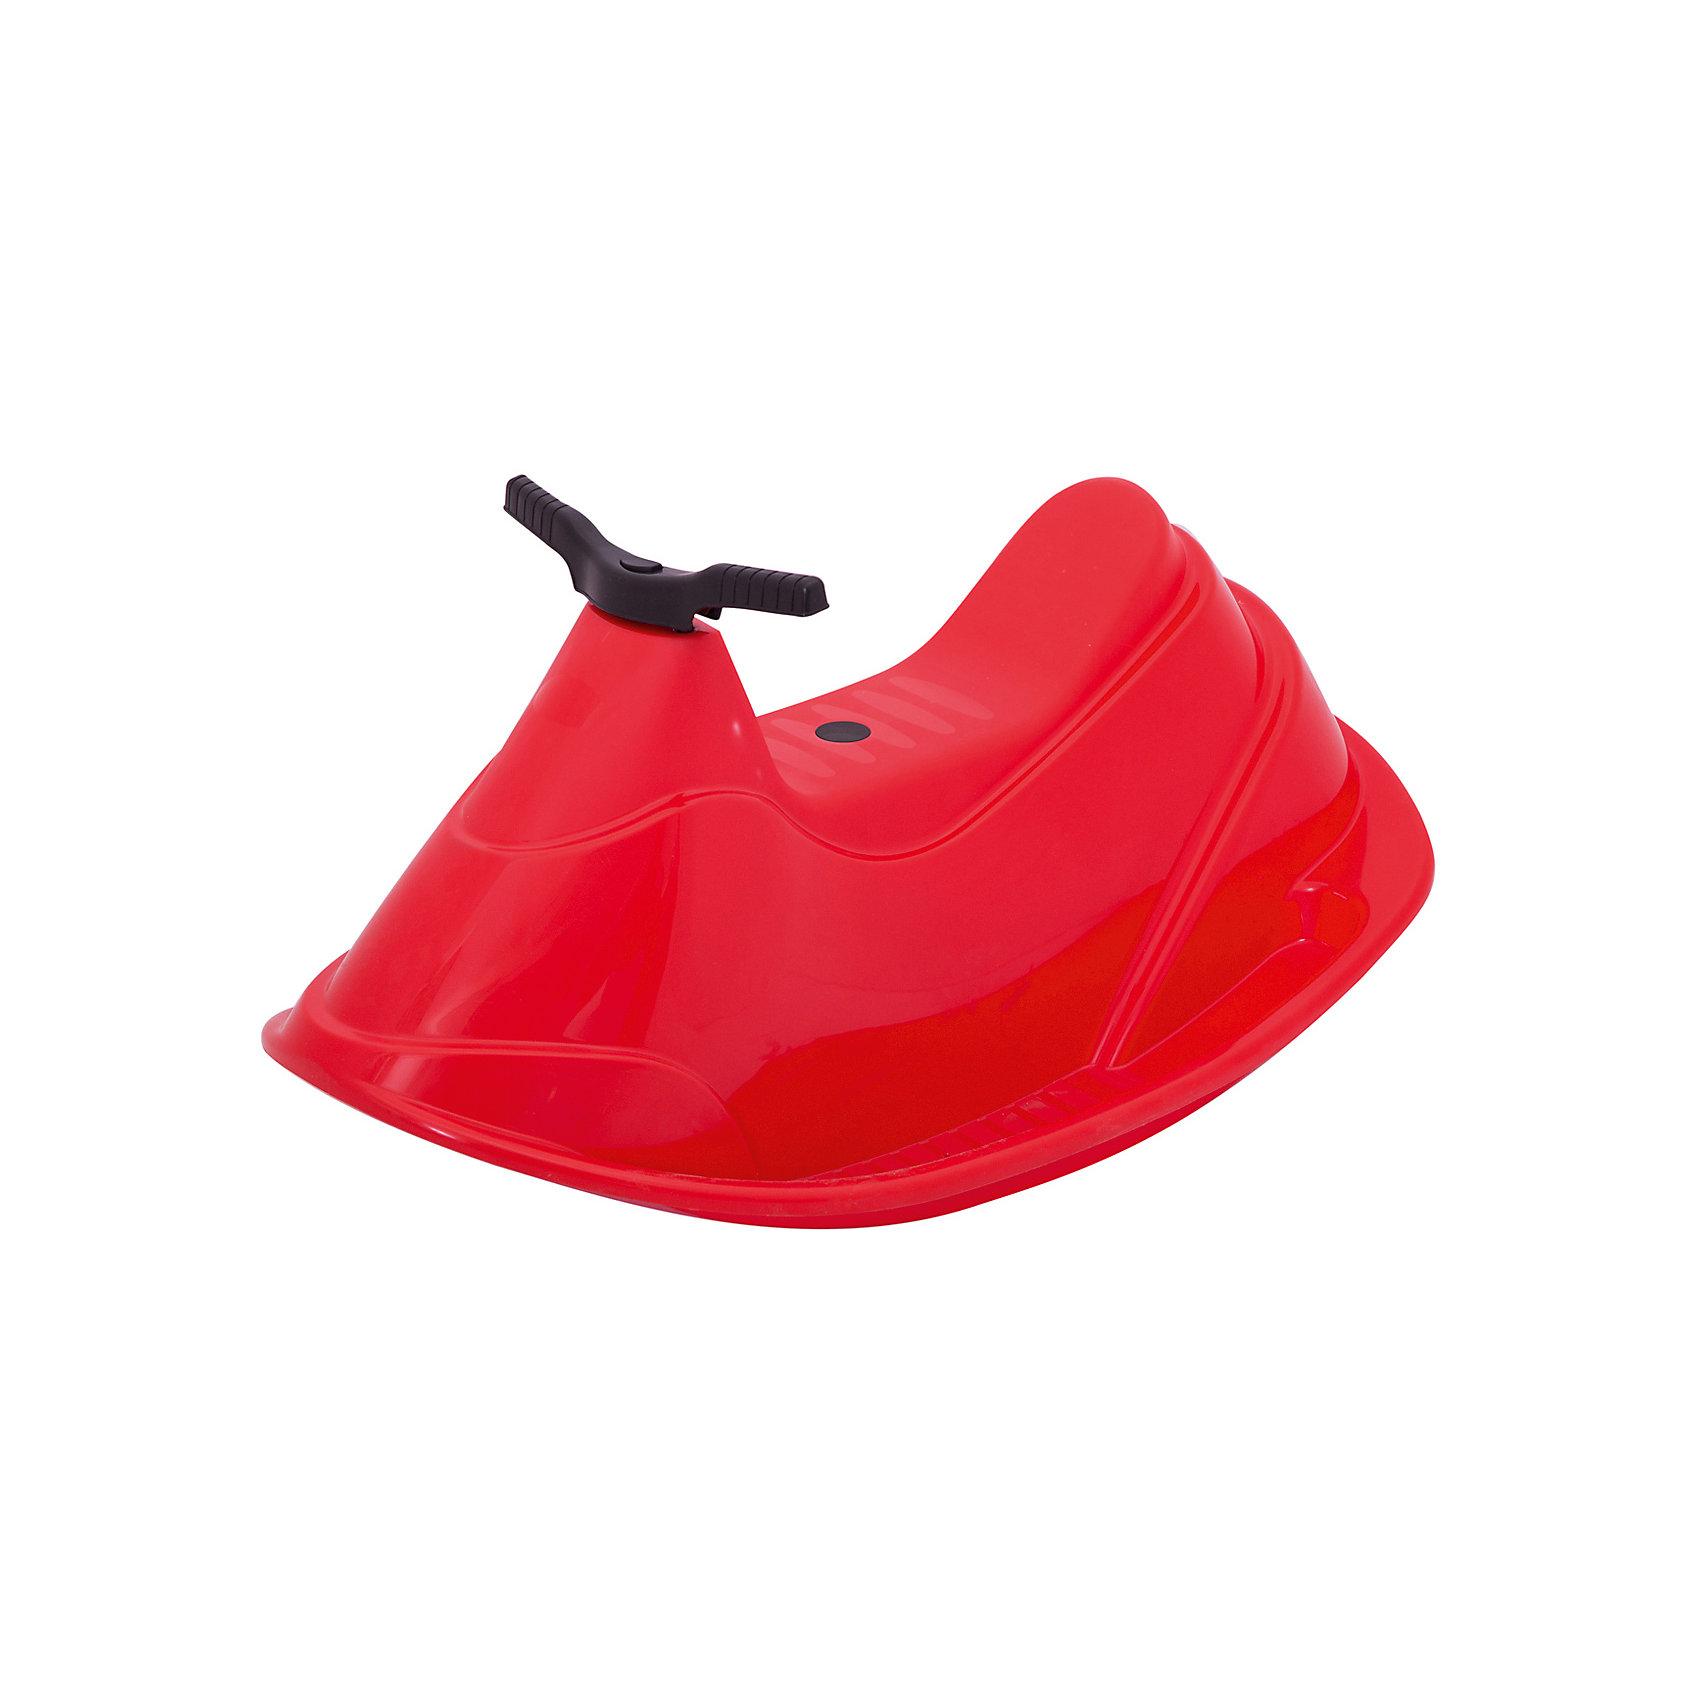 Качели - Водный Мотоцикл, PalPlayКачели и качалки<br>Marianplast Качели - Водный Мотоцикл – яркая и удобная качалка, предназначенная для использования на суше.<br><br>Снабжена удобными ручками и имеет выгнутое основание, благодаря которому на Водном мотоцикле можно раскачиваться вперед-назад.<br><br>Дополнительная информация:<br><br>- Высота сиденья - 42 см.<br>- Материал: прочный пластик<br>- Размер (см): 48X84X42 <br><br>Эта игрушка прекрасно разнообразит досуг вашего ребенка  с пользой для физического развития. Оригинальный дизайн качалки обязательно понравится Вашему малышу!<br><br>Ширина мм: 850<br>Глубина мм: 460<br>Высота мм: 400<br>Вес г: 1610<br>Возраст от месяцев: 12<br>Возраст до месяцев: 1164<br>Пол: Унисекс<br>Возраст: Детский<br>SKU: 1615968